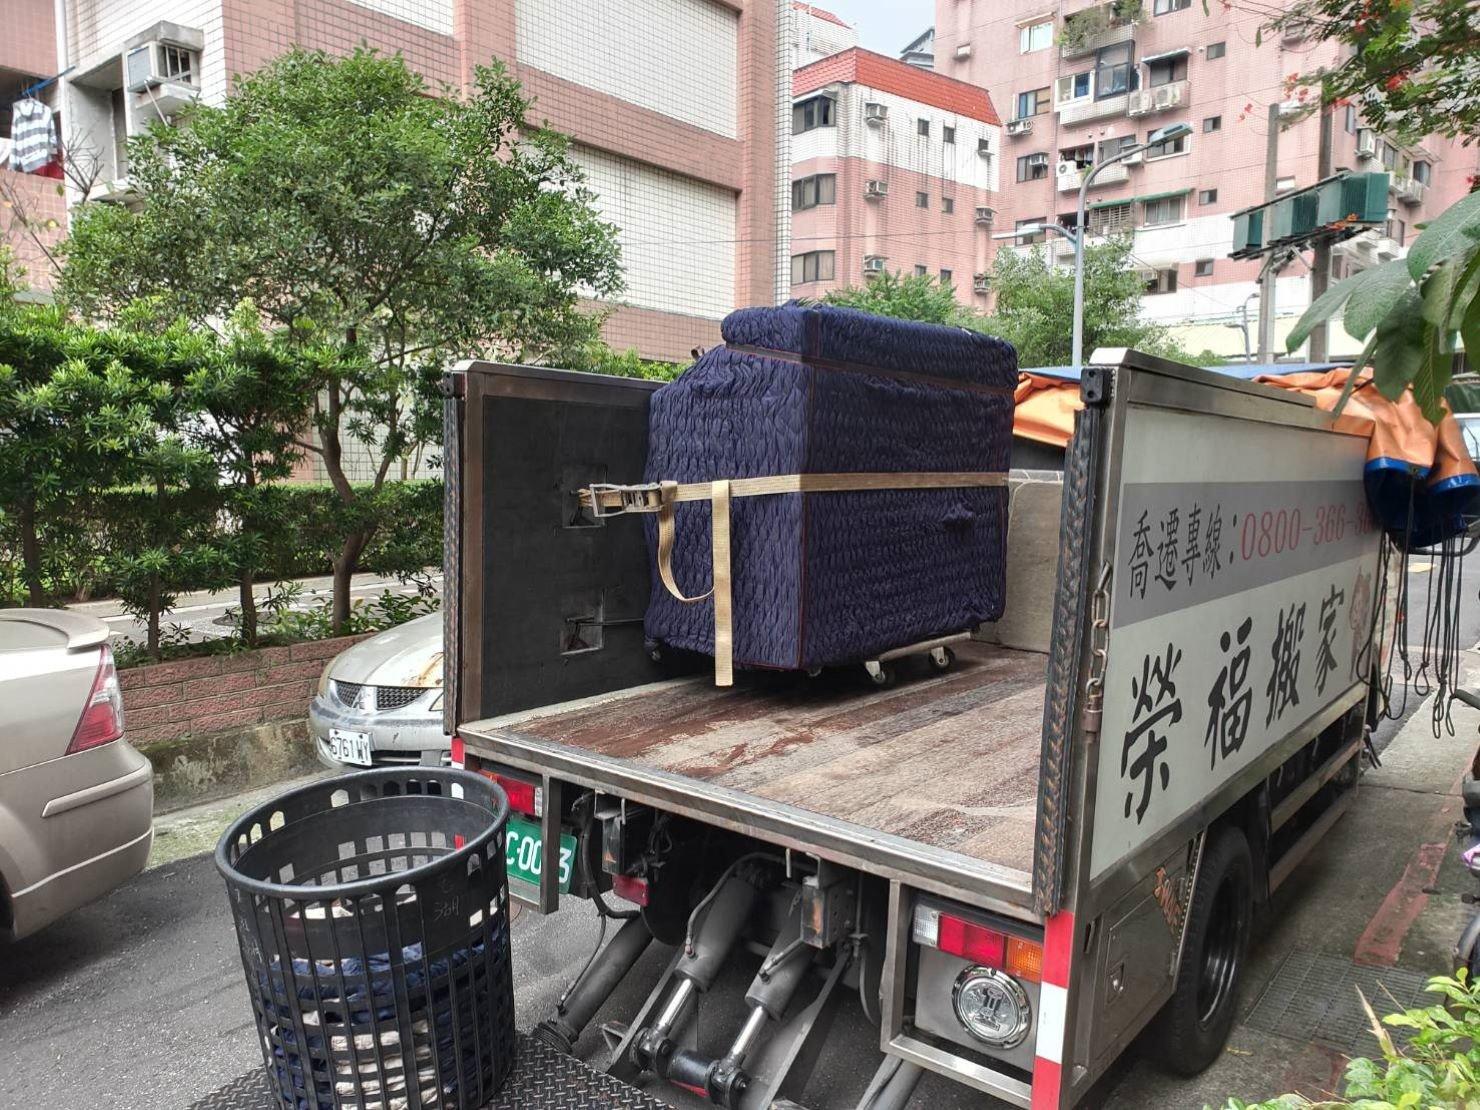 新北搬家【榮福搬家】搬家首選、台北搬家推薦:榮福搬家精搬鋼琴-將鋼琴搬運至貨車上後,以機器繩固定於防碰撞特殊材質車身面。